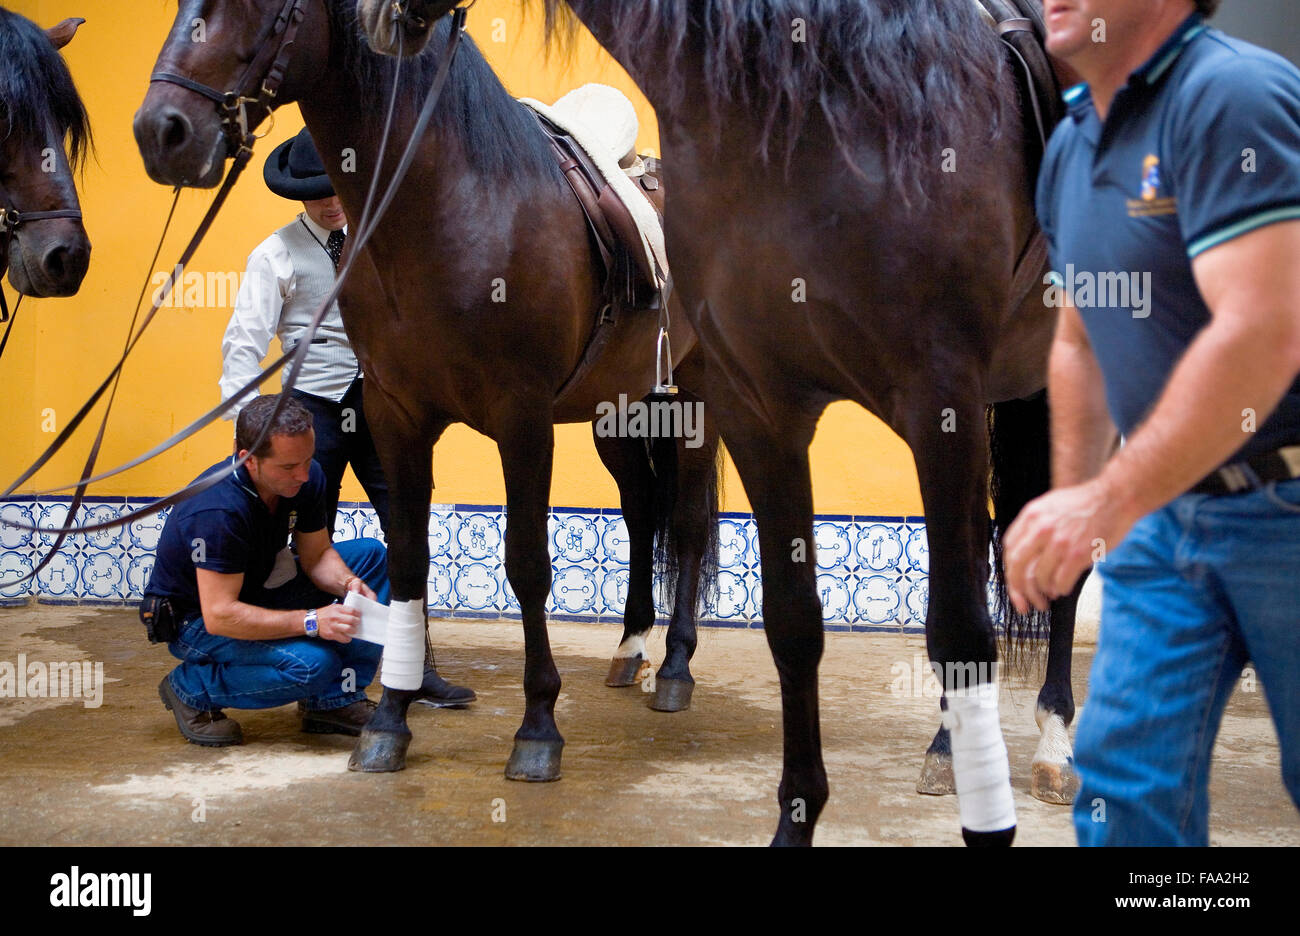 Preparar el caballo para el espectáculo en la Real Escuela Andaluza de Arte Ecuestre 'Real Escuela Andaluza Imagen De Stock